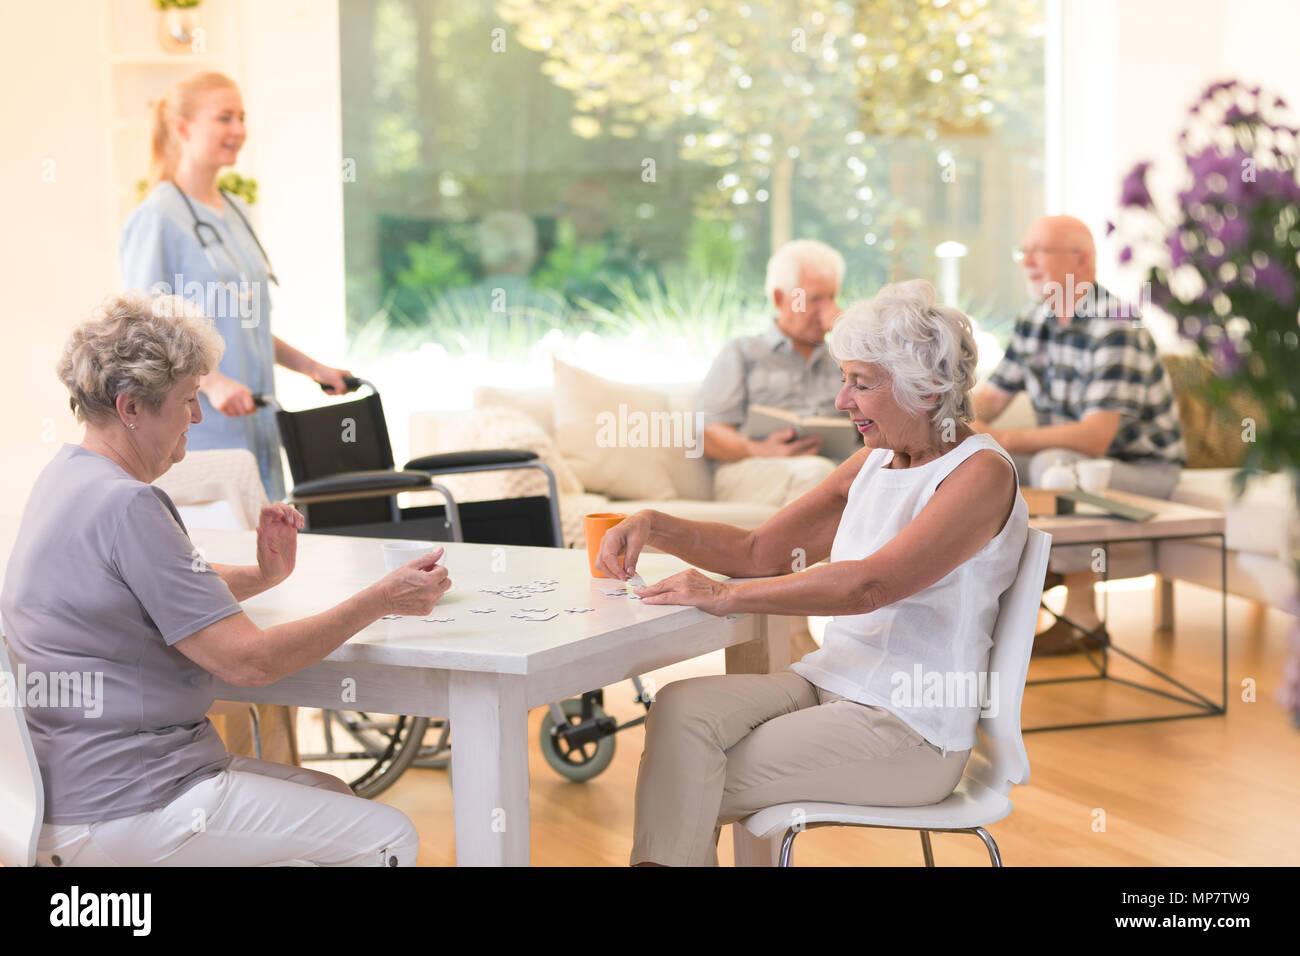 Las mujeres mayores disfrutando de su tiempo juntos mientras está sentado en una mesa y haciendo un puzzle en casa de enfermería Foto de stock